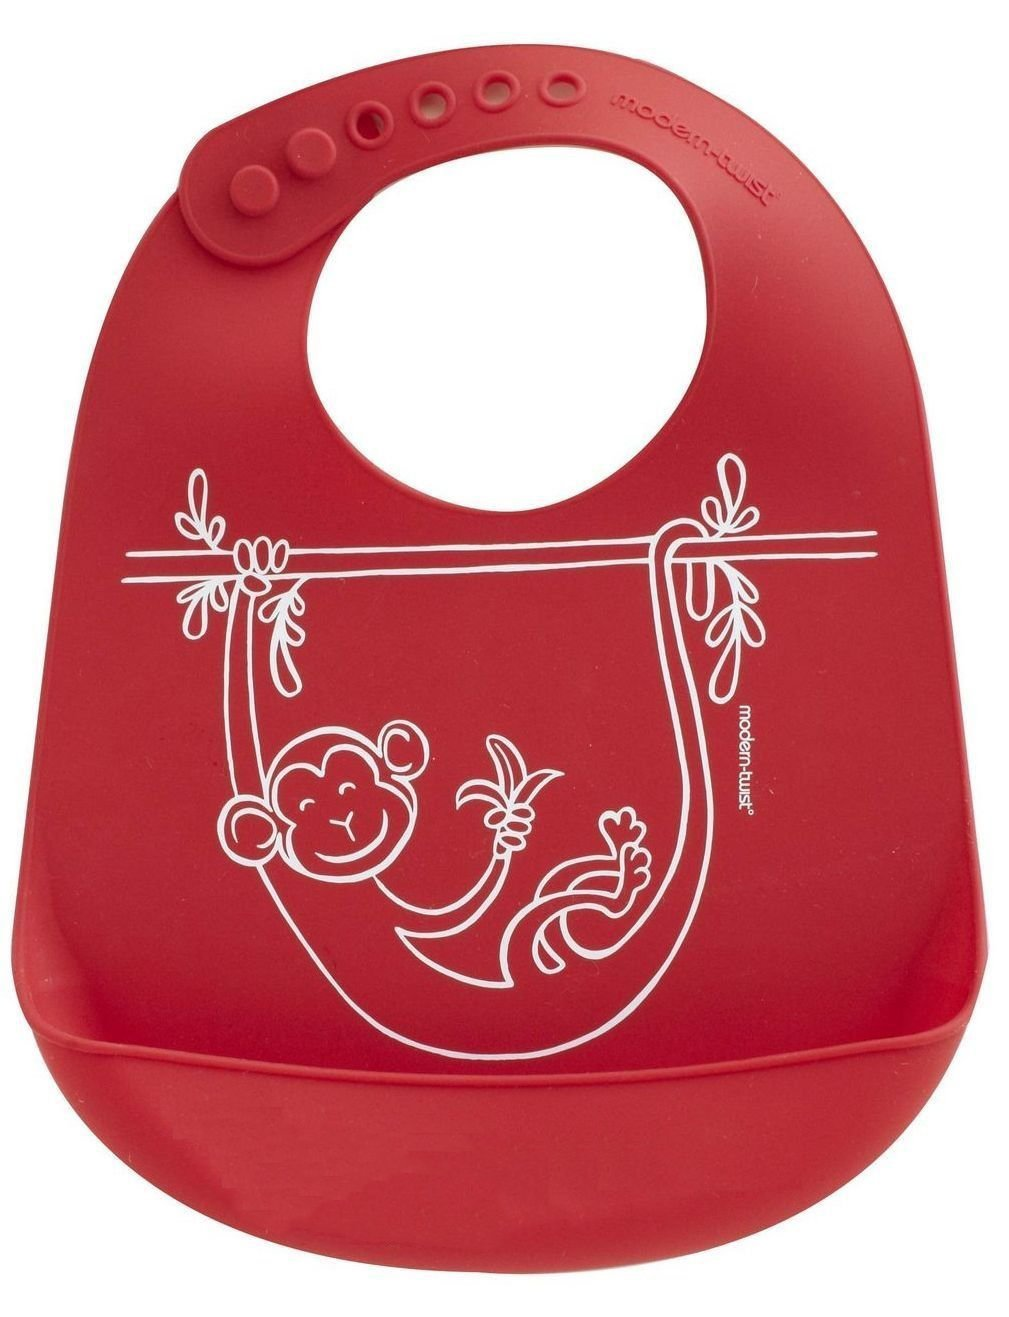 modern-twist Monkey Business Baby Bucket Bibs